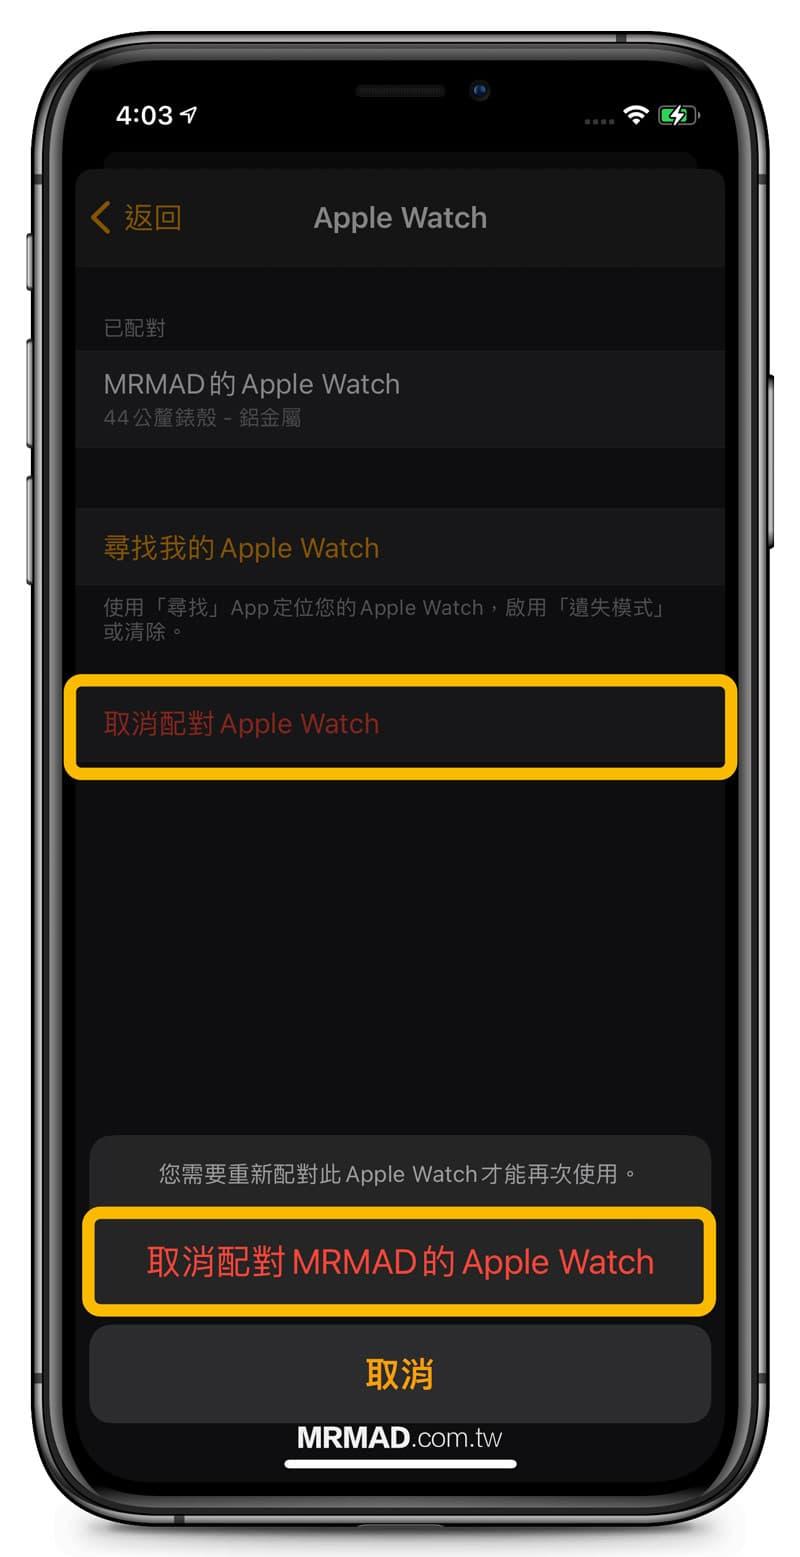 如何替 Apple Watch 備份與新iPhone 配對?教你無痛轉移